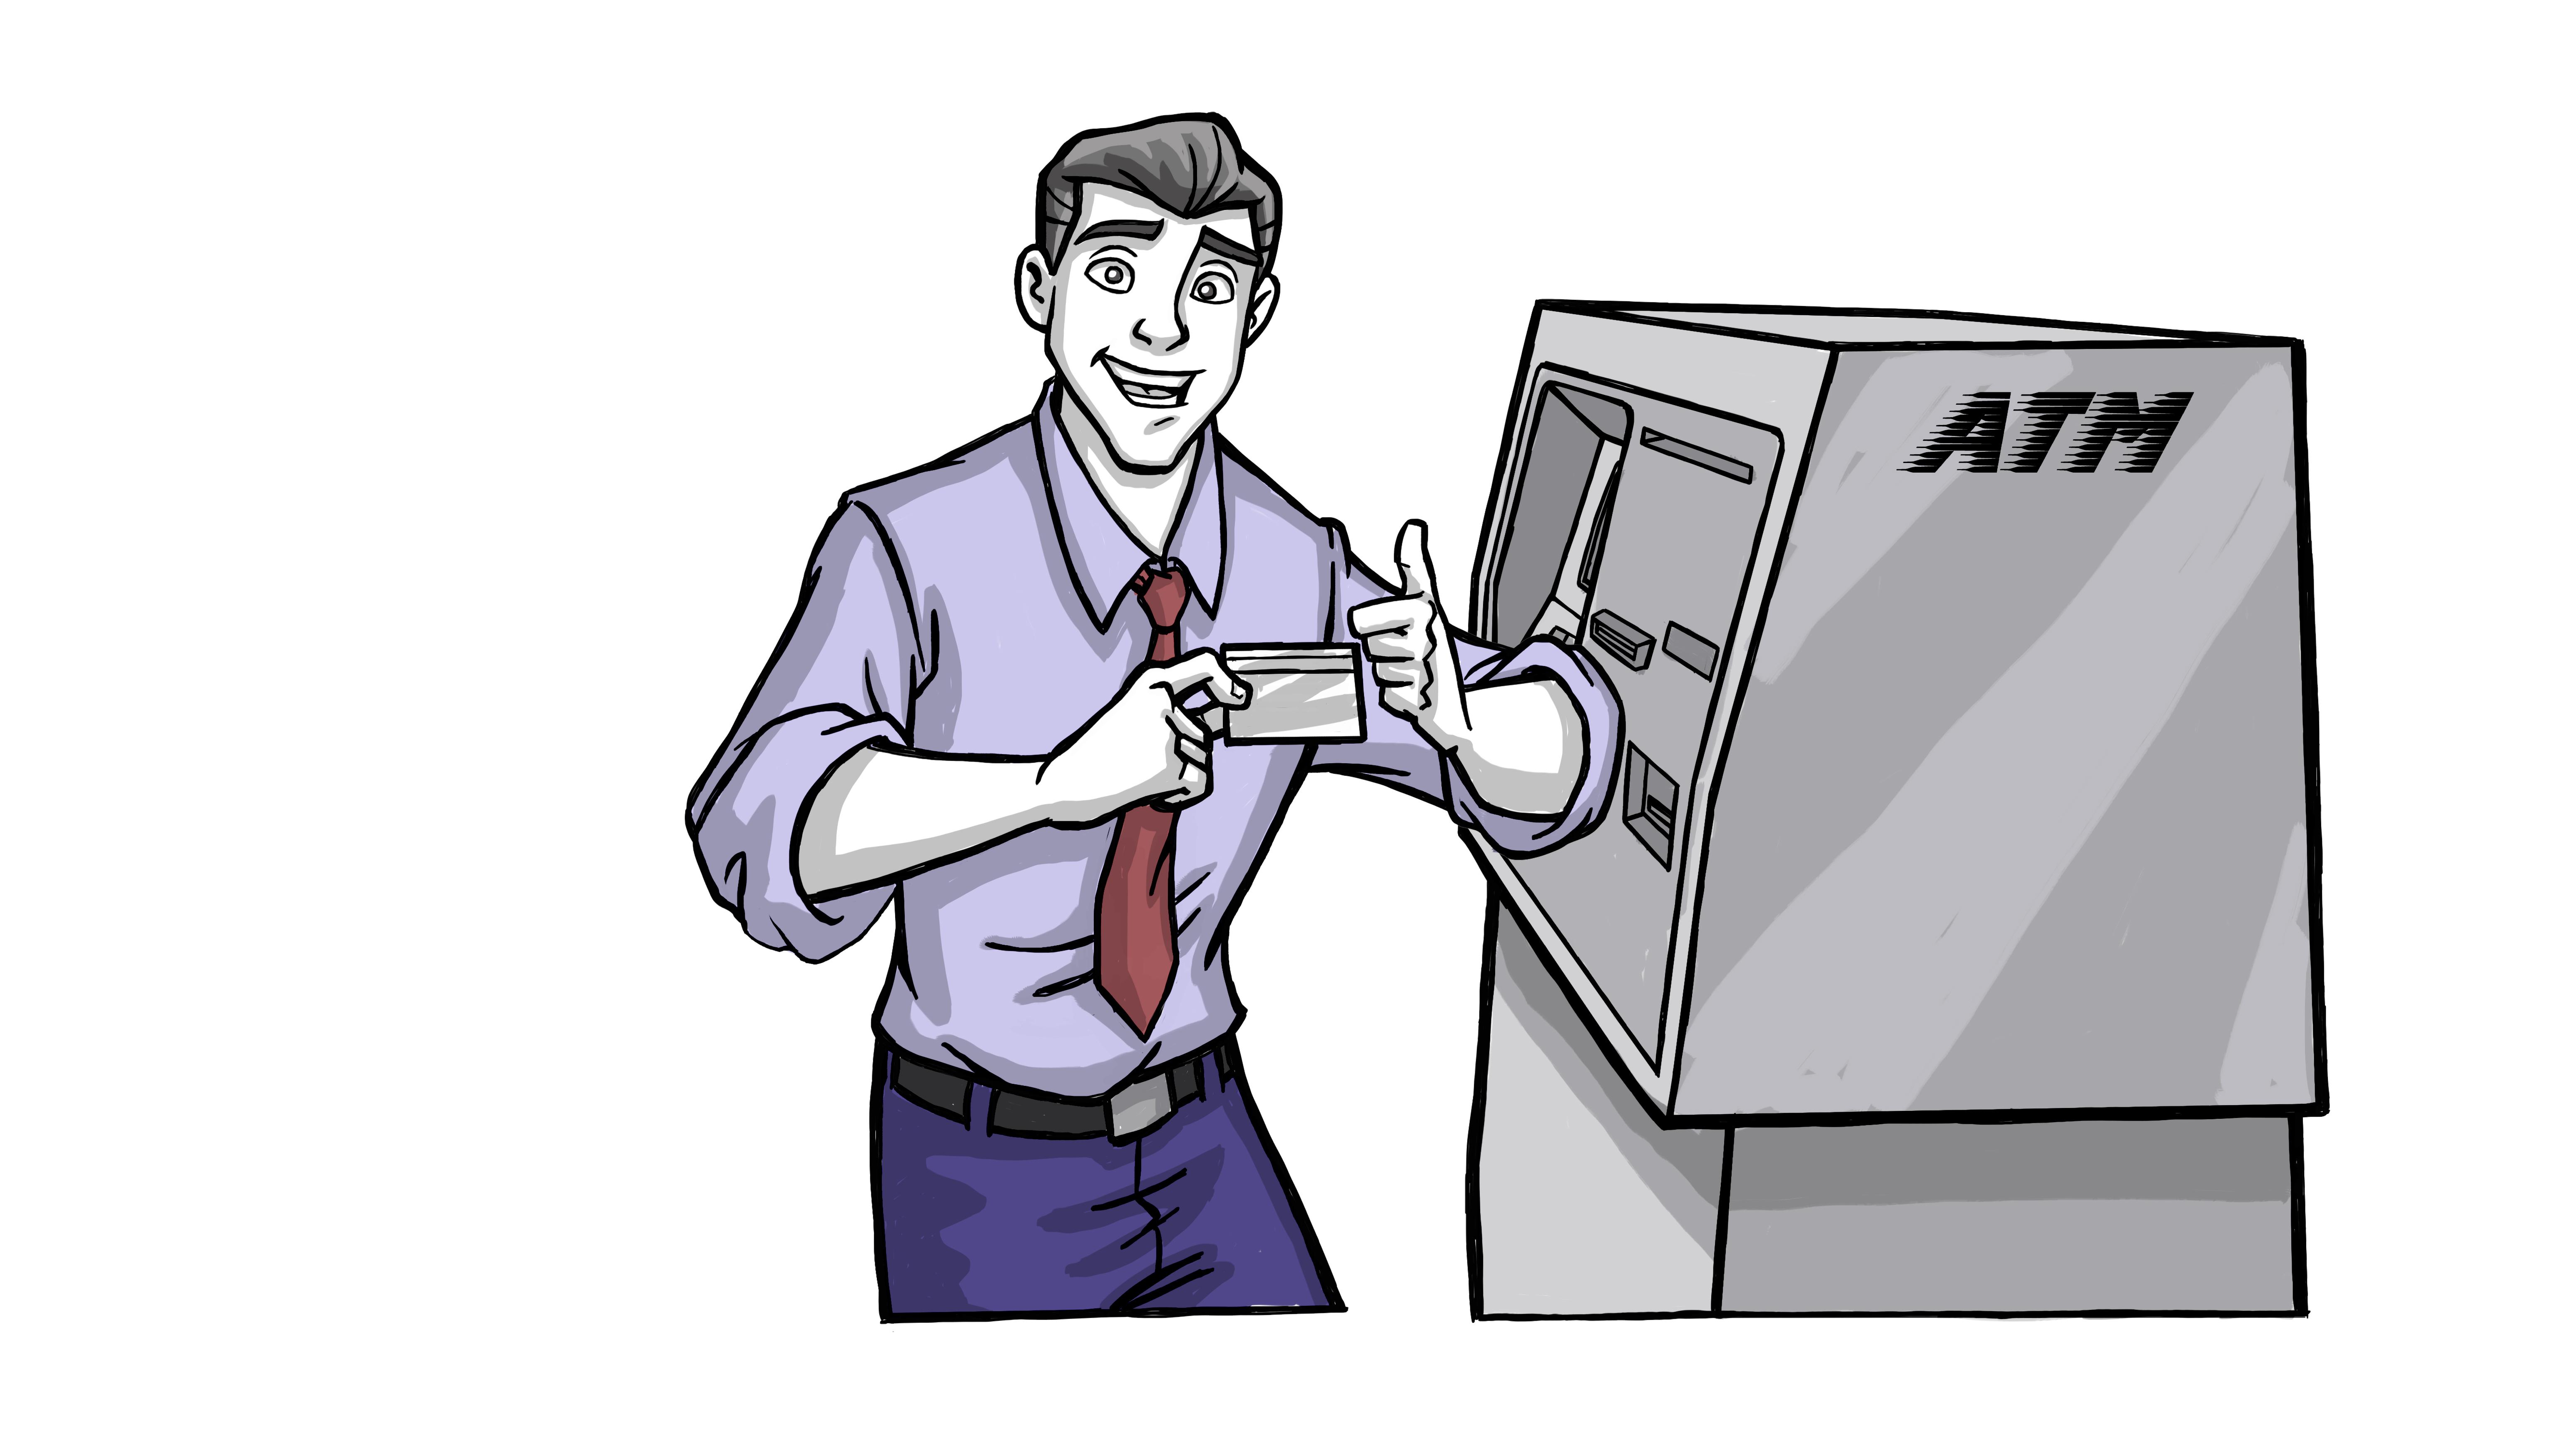 Planet Payment DCC at ATM - Scene 005d COLOR